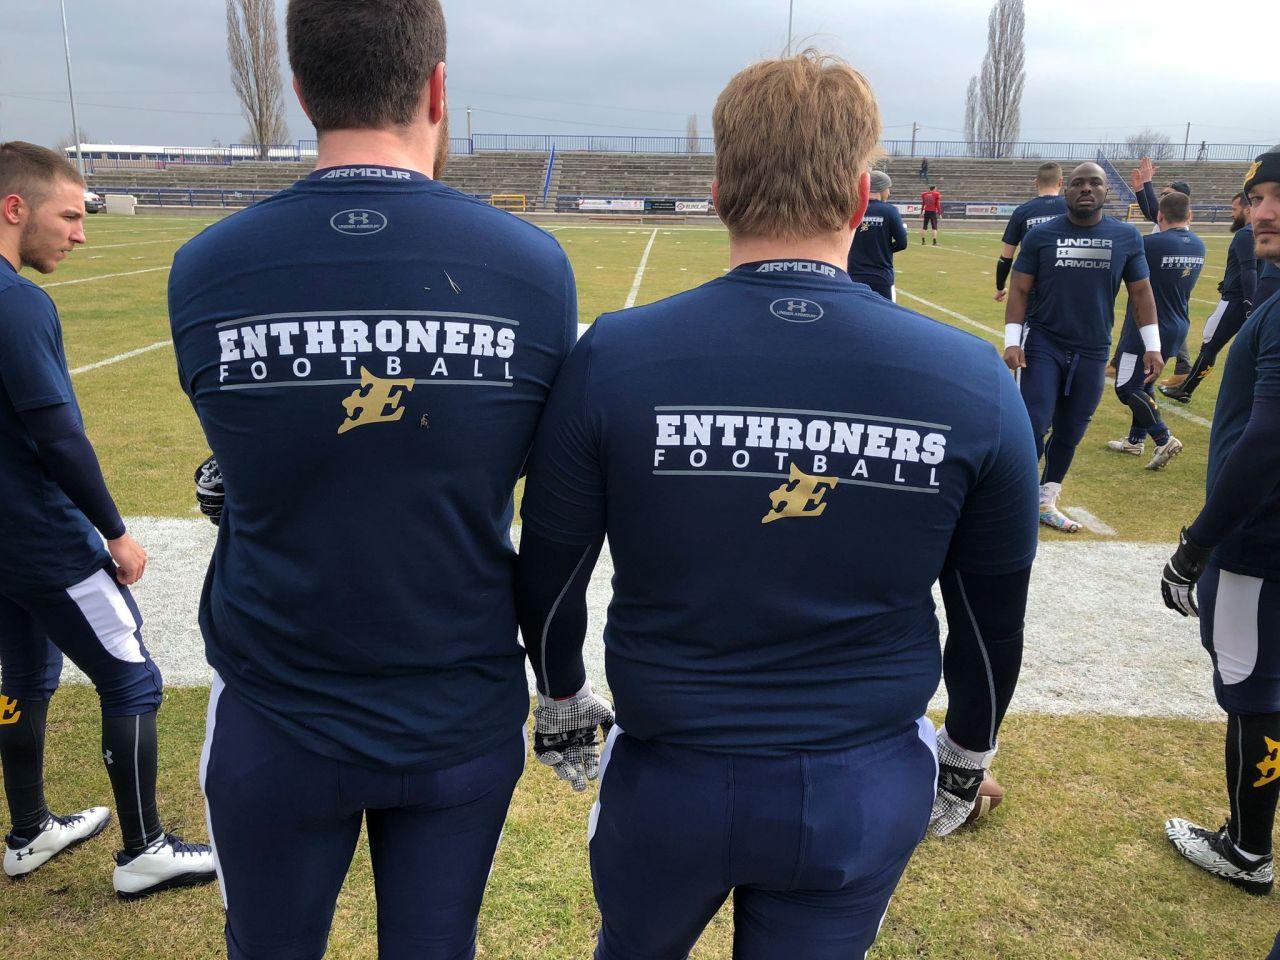 Enthroners csapatpólók